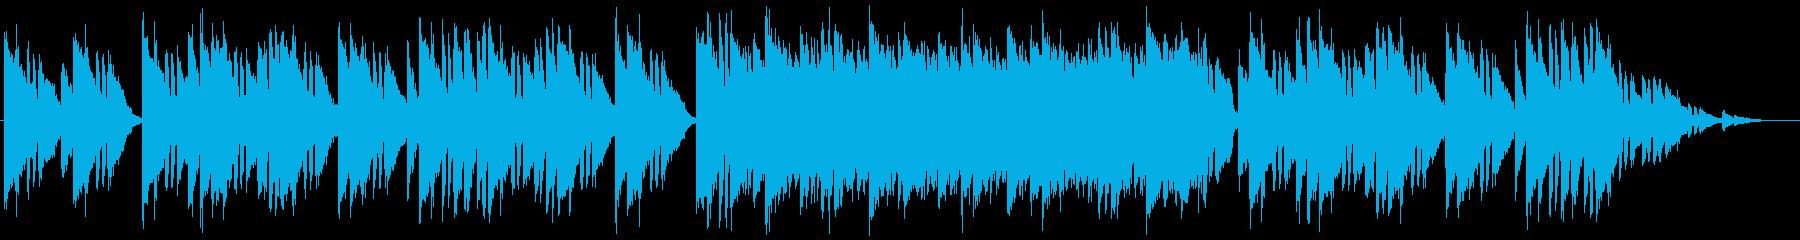 暗めの雰囲気のハープシコードの再生済みの波形